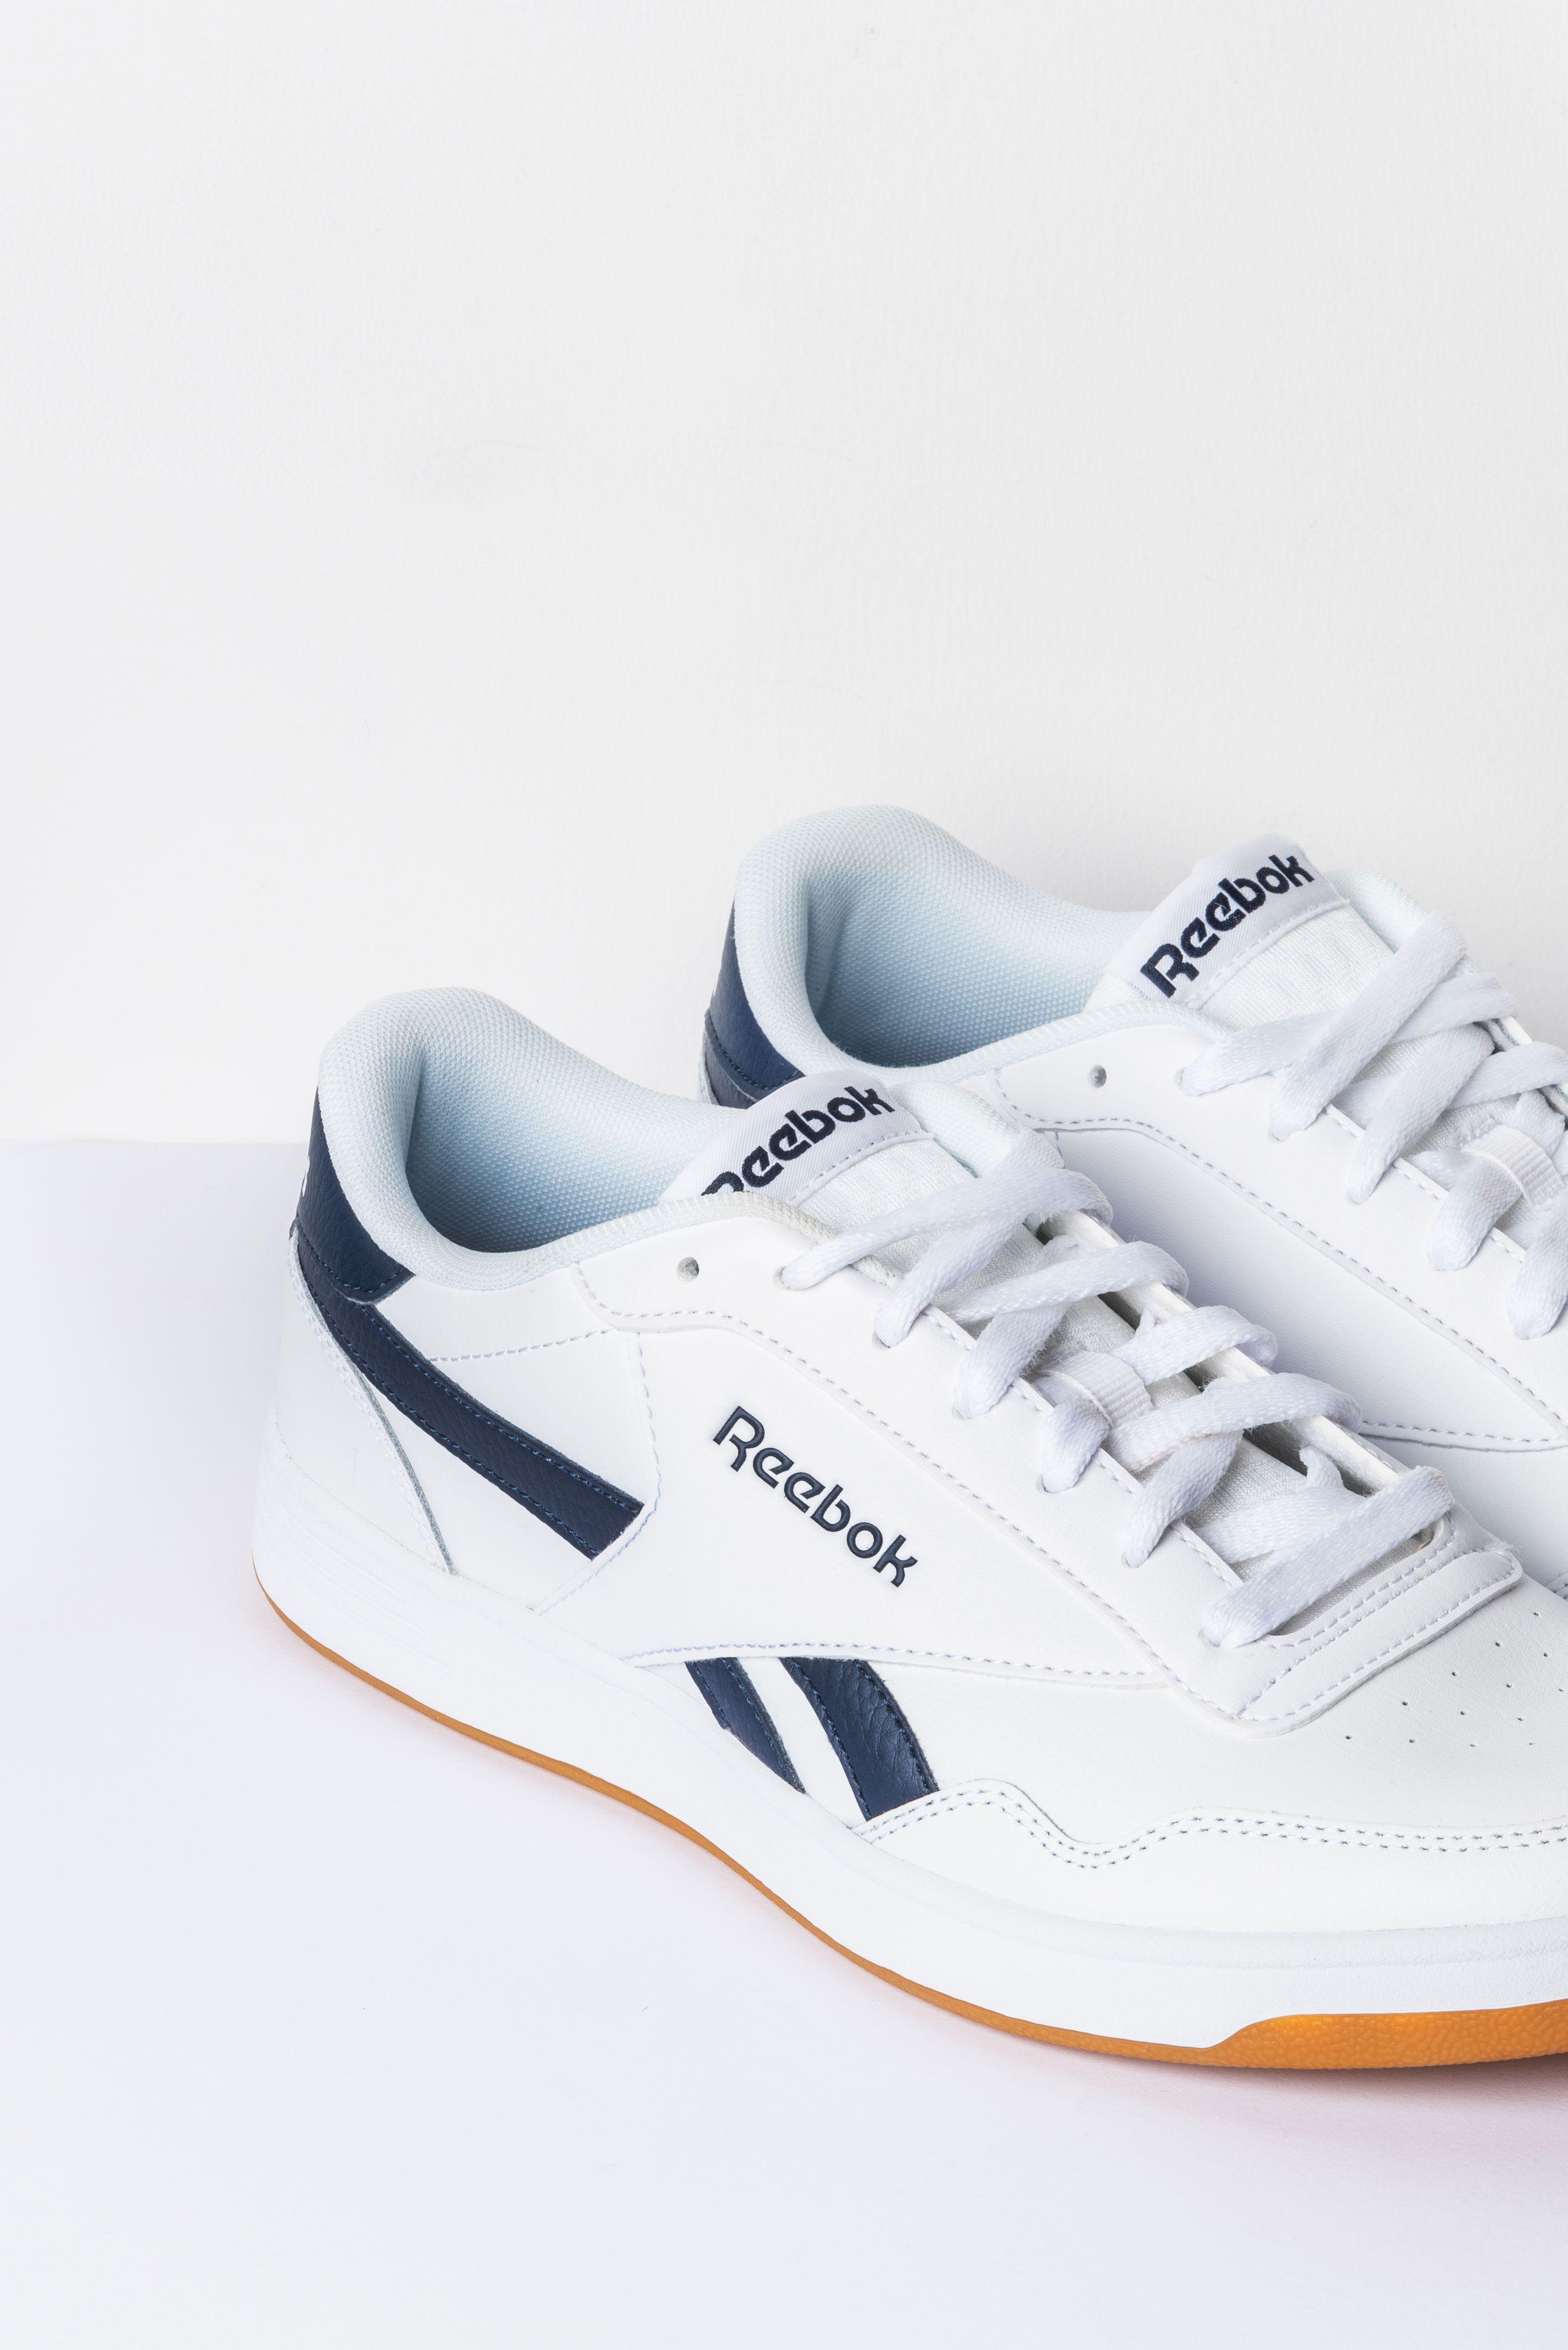 White&blue : les intemporelles baskets Reebok débarquent